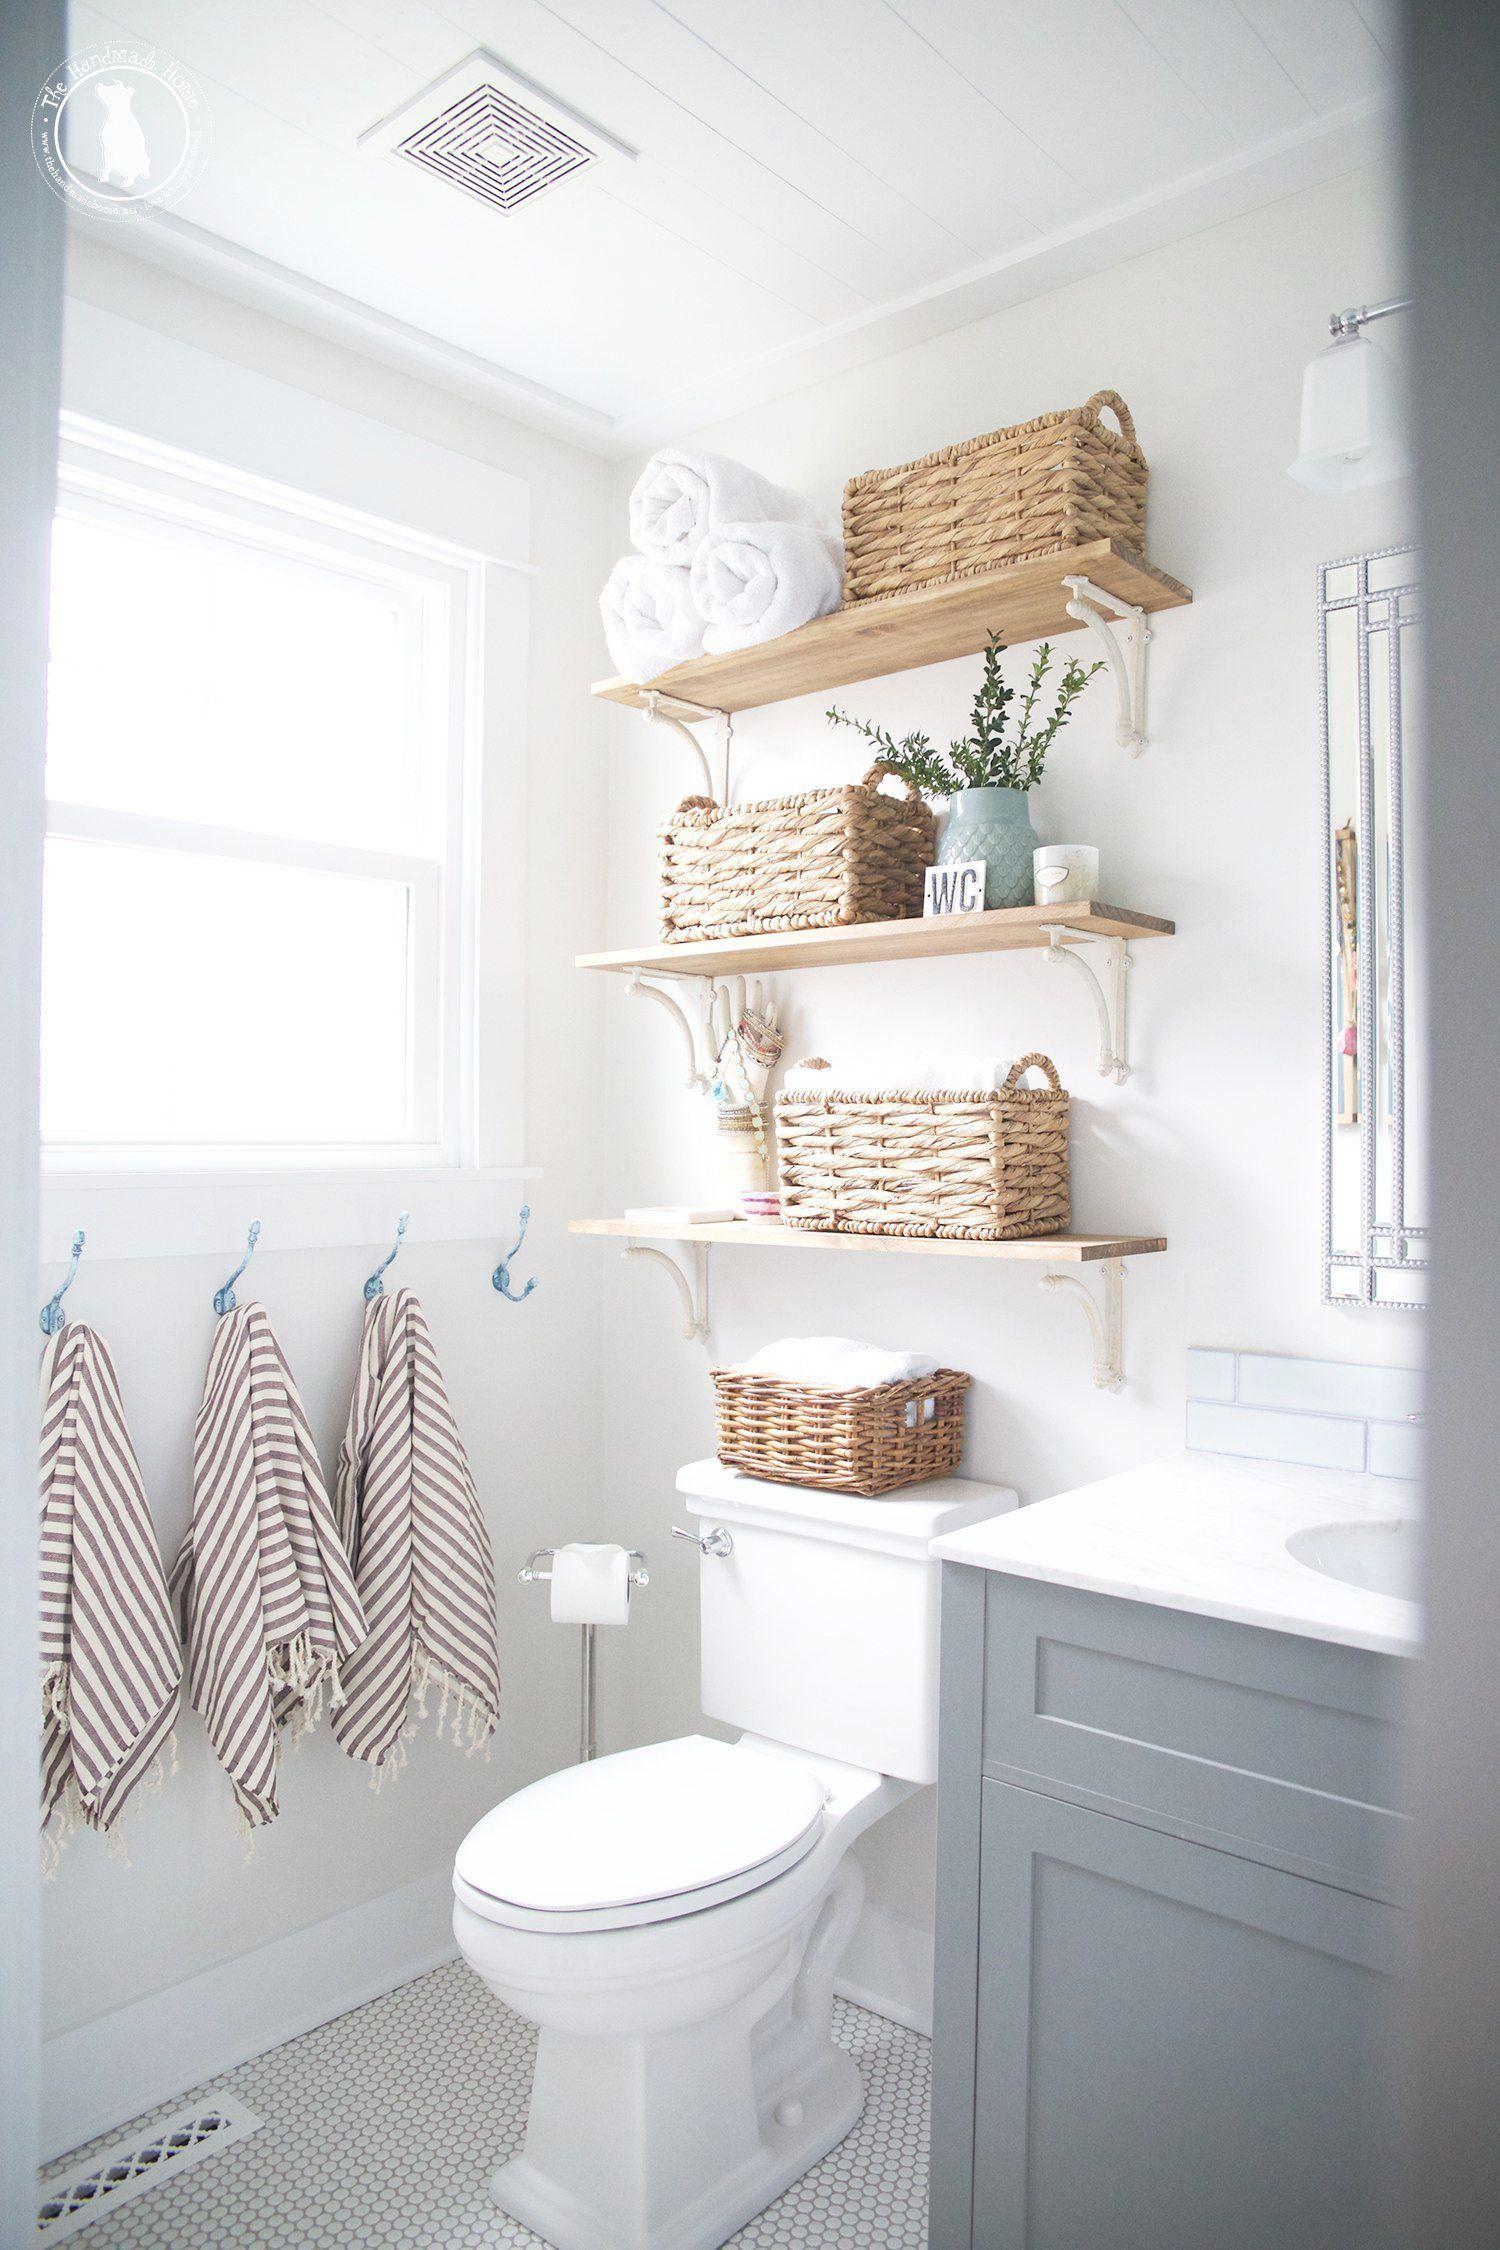 Bathroom Decor Kit Bathroom Ideas Themes | Great Bathroom Ideas ...